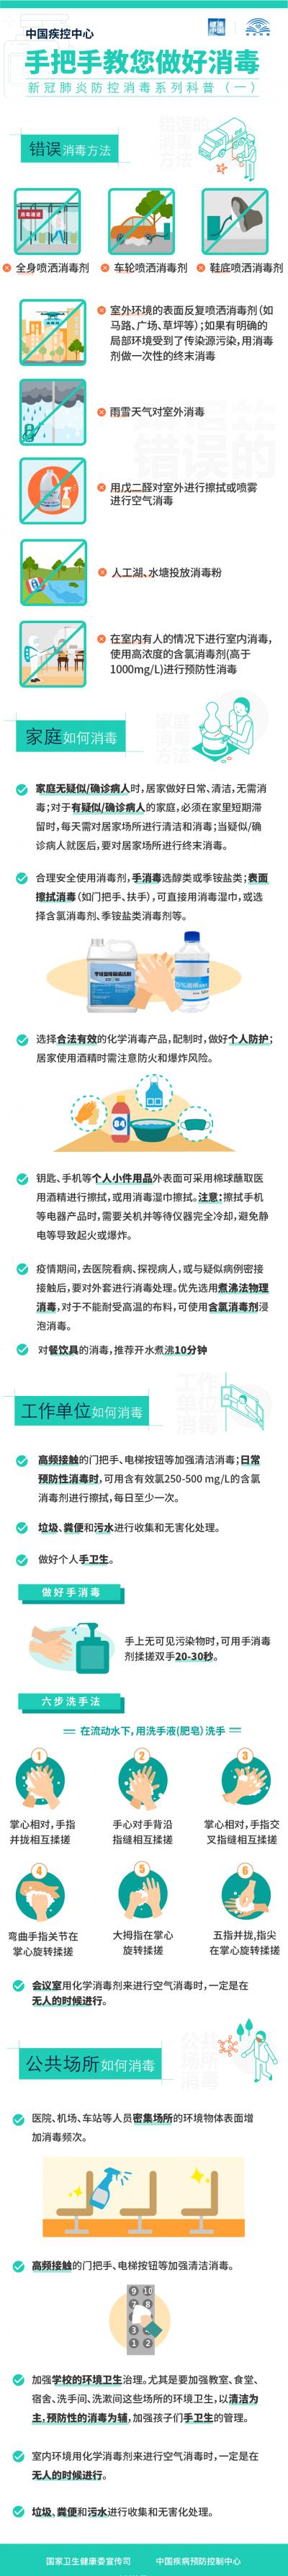 中国疾控中心手把手教您做好消毒!